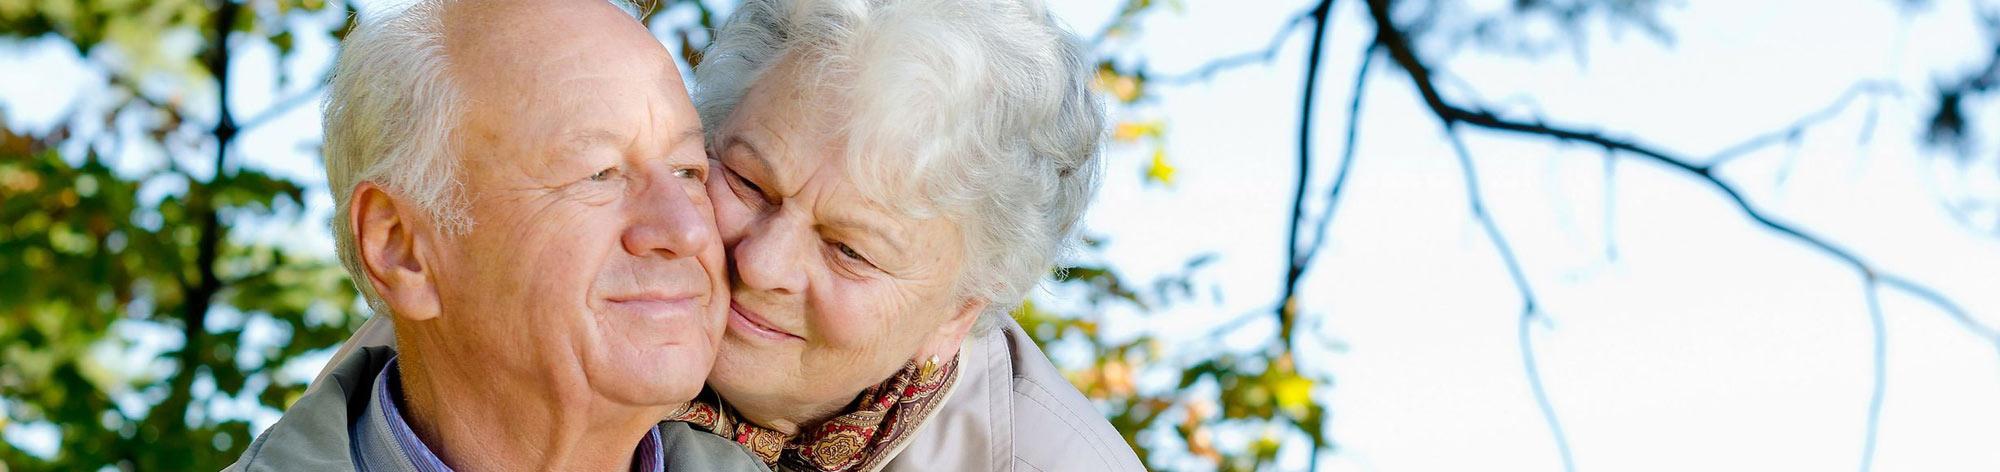 זוג קשישים אוהבים מצמידים ראשים על רקע עץ ושמיים